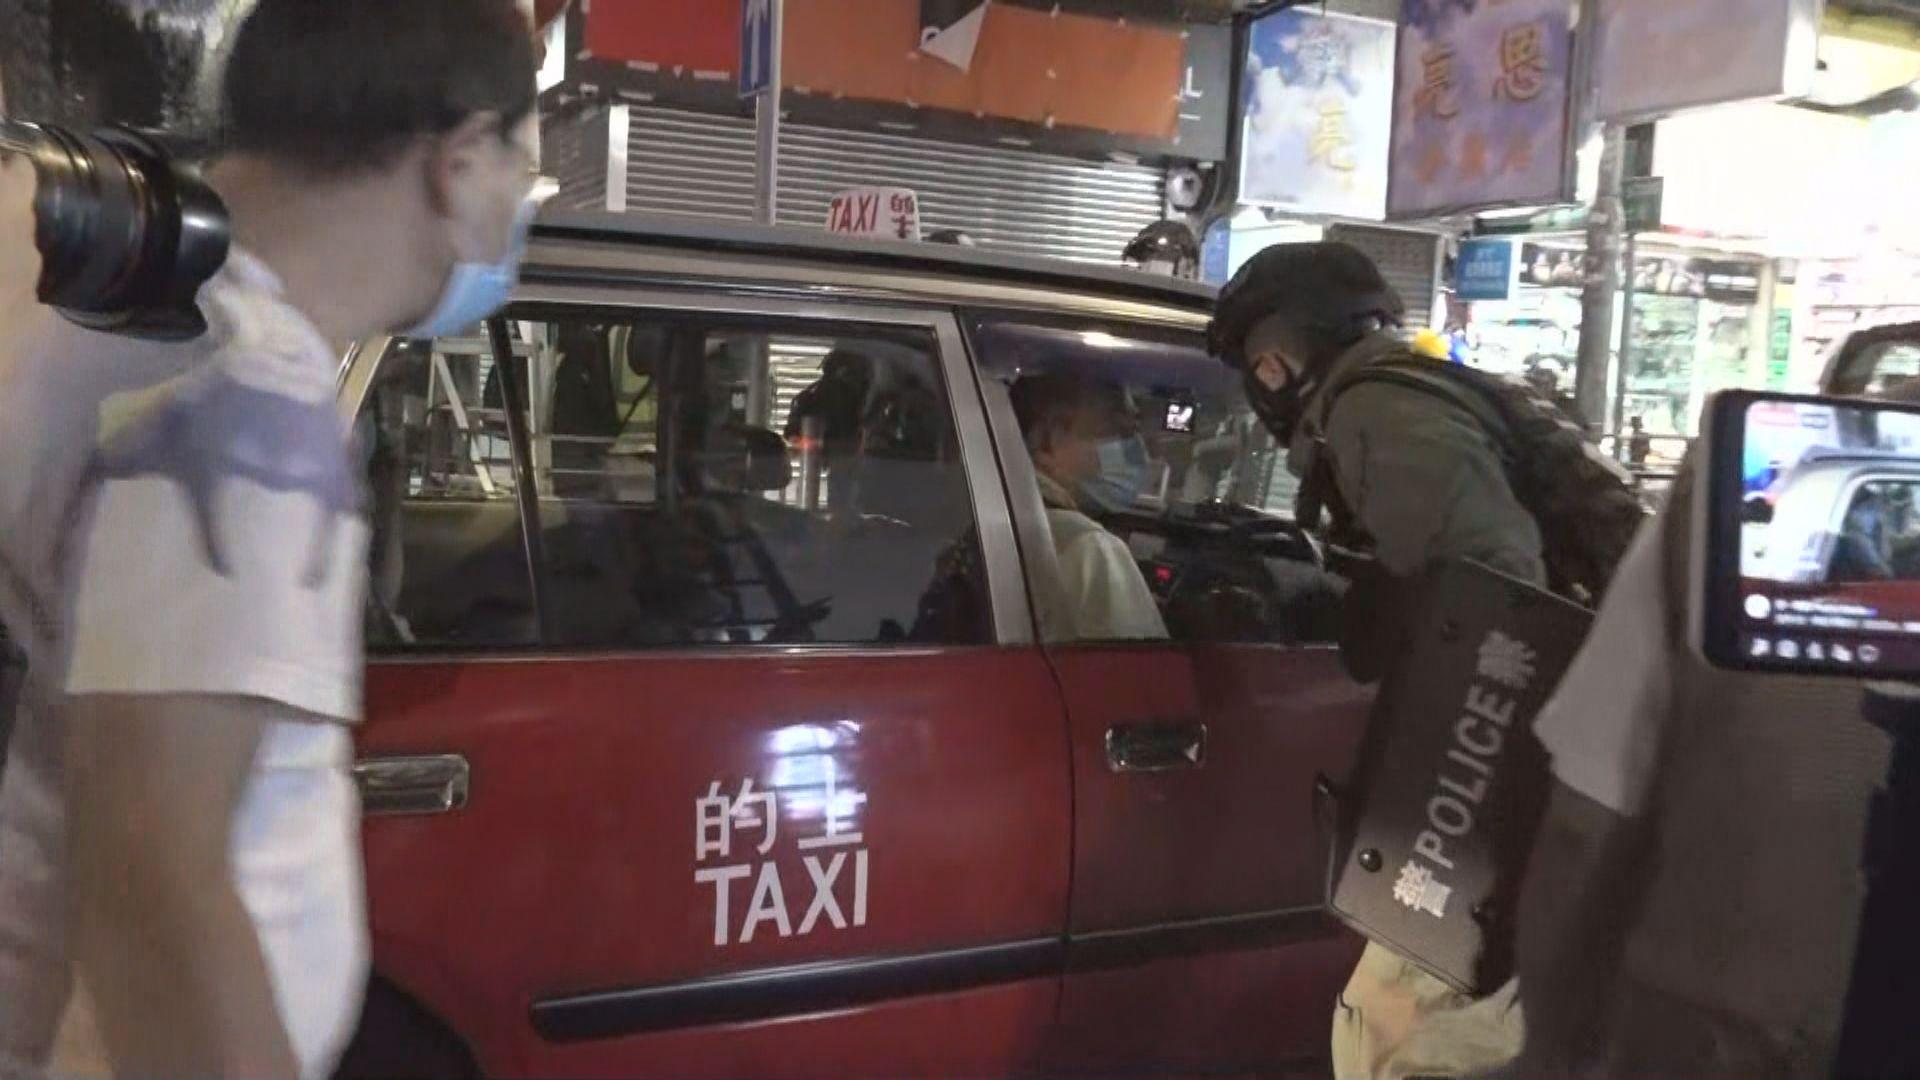 警方晚上旺角戒備 多人被發告票及帶上警車